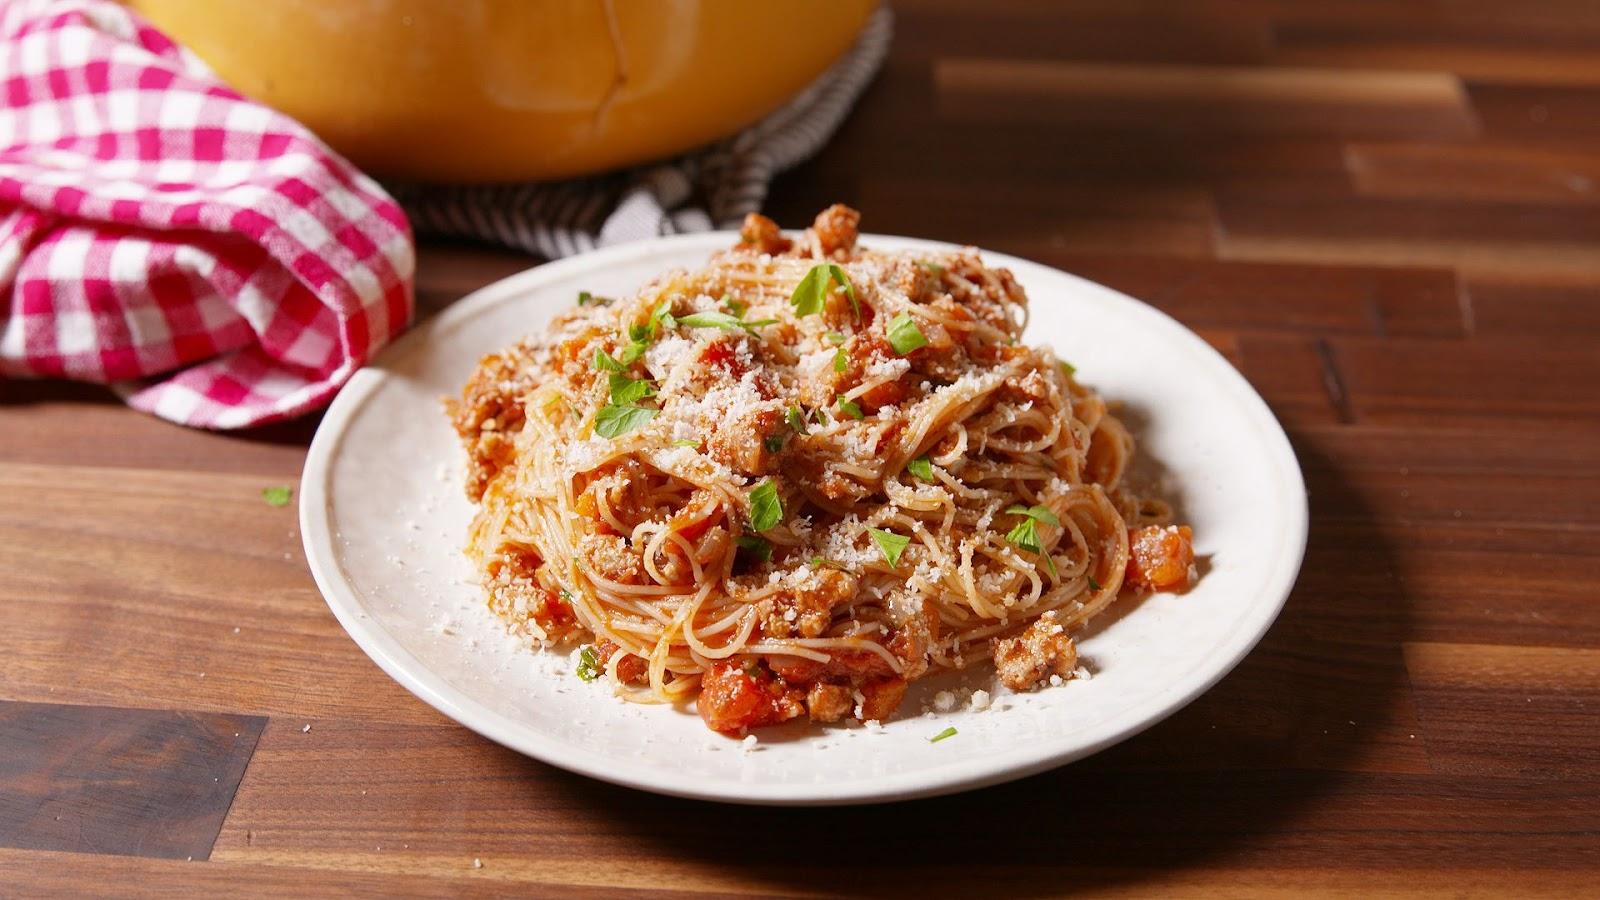 www.food-drink-recipes.com